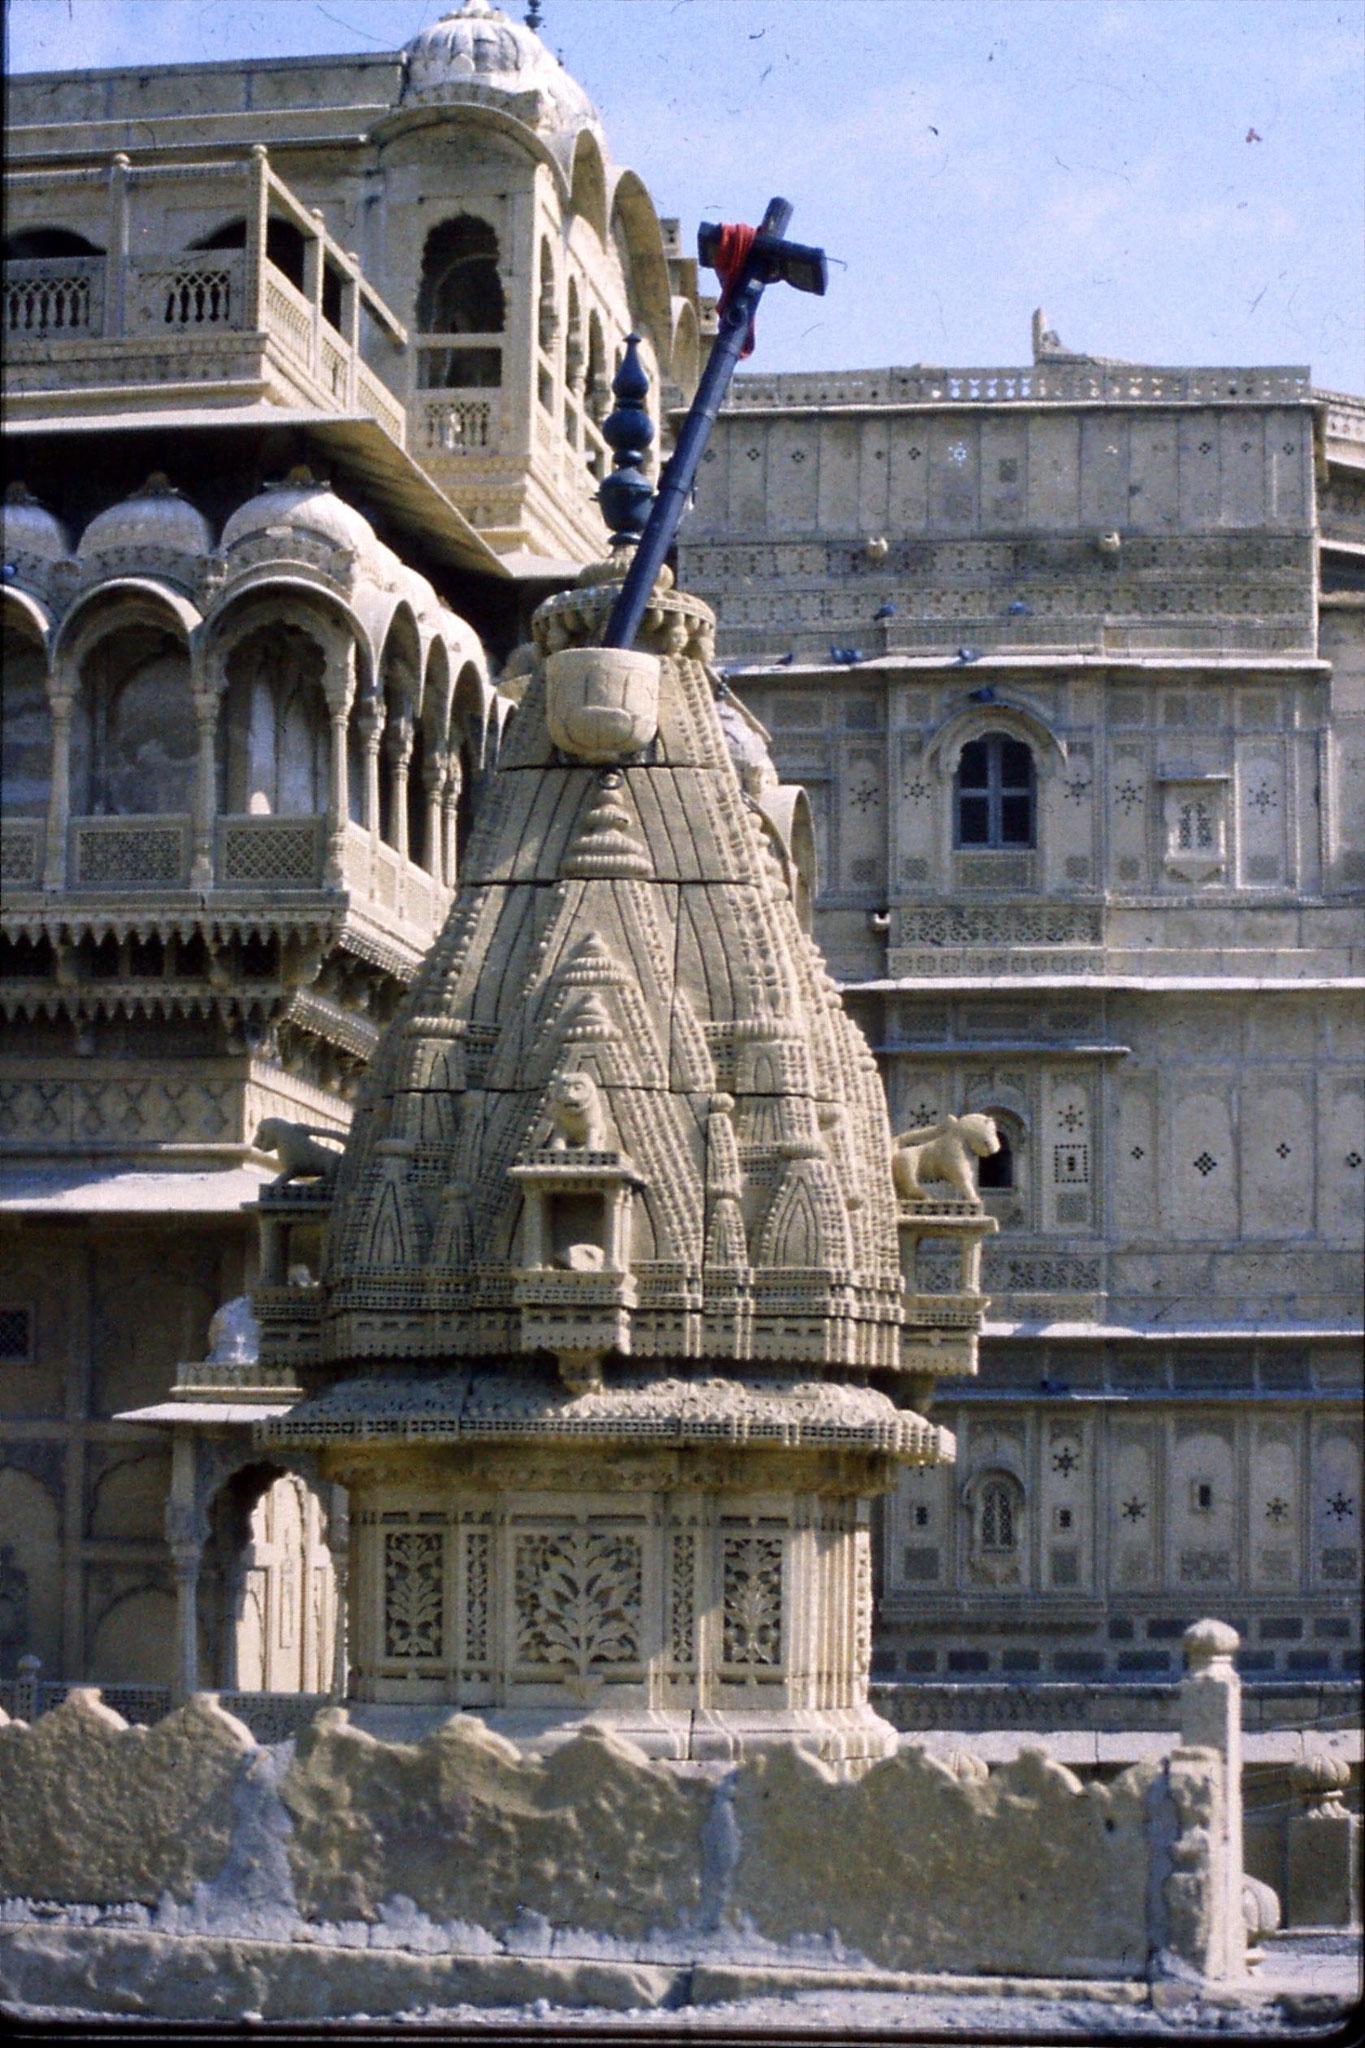 2/12/1989: 32: Jaisalmer Jain Temple & havelli